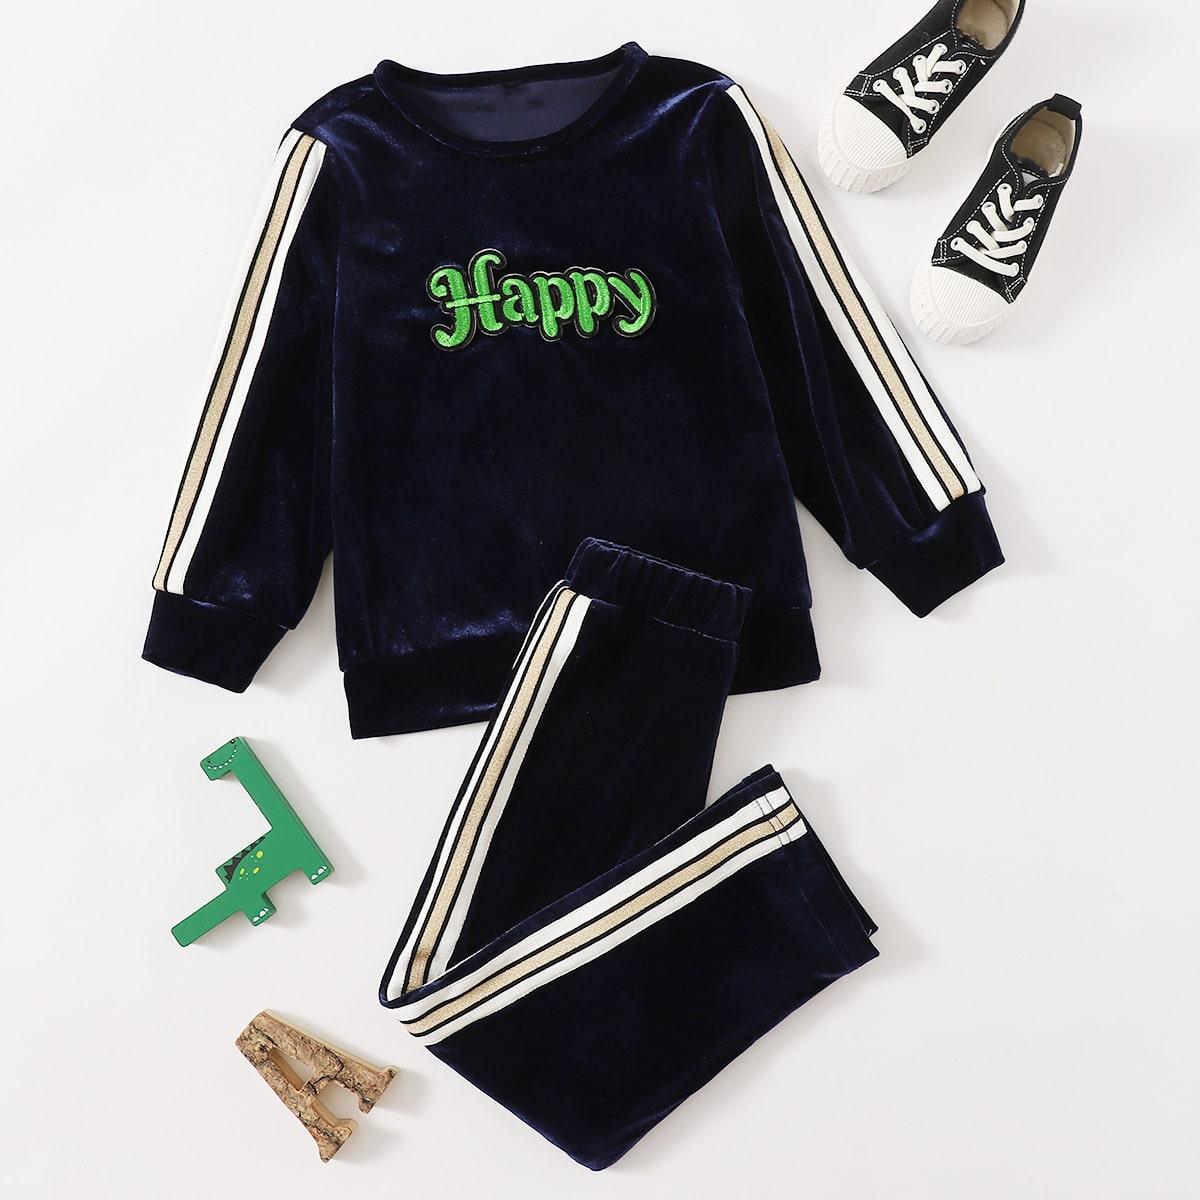 Бархатные спортивные брюки и свитшот с текстовой вышивкой для мальчиков